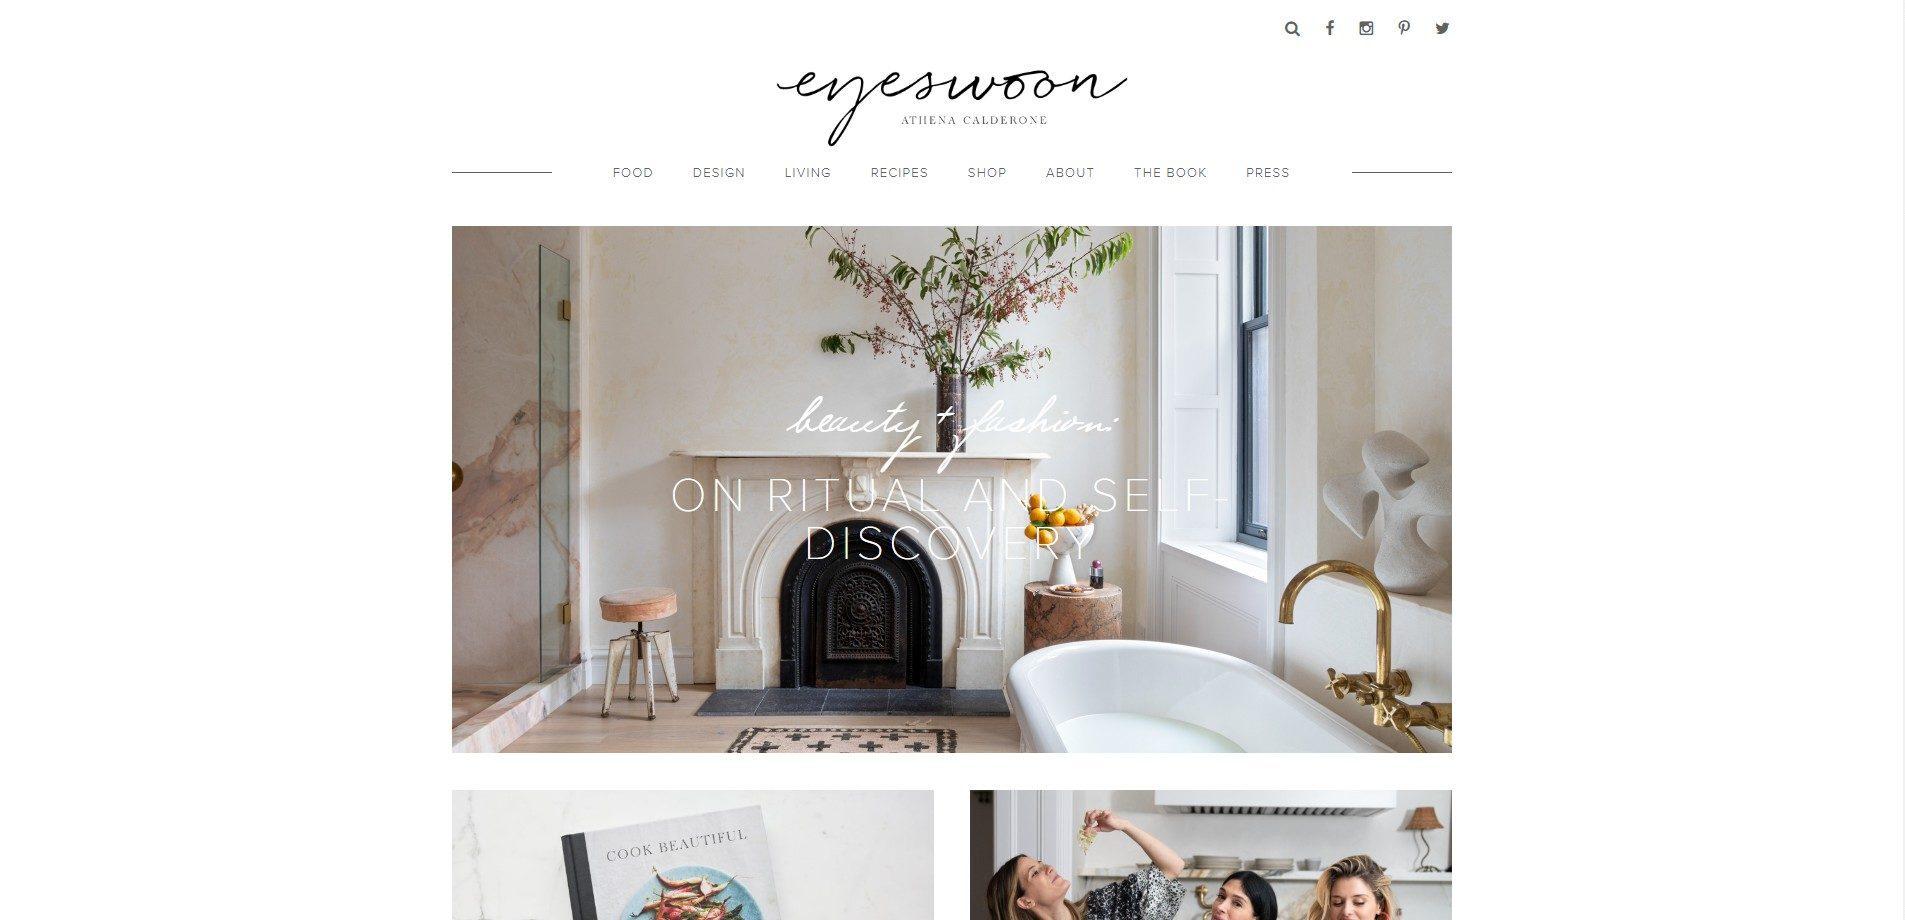 eyeswoon interior design blog